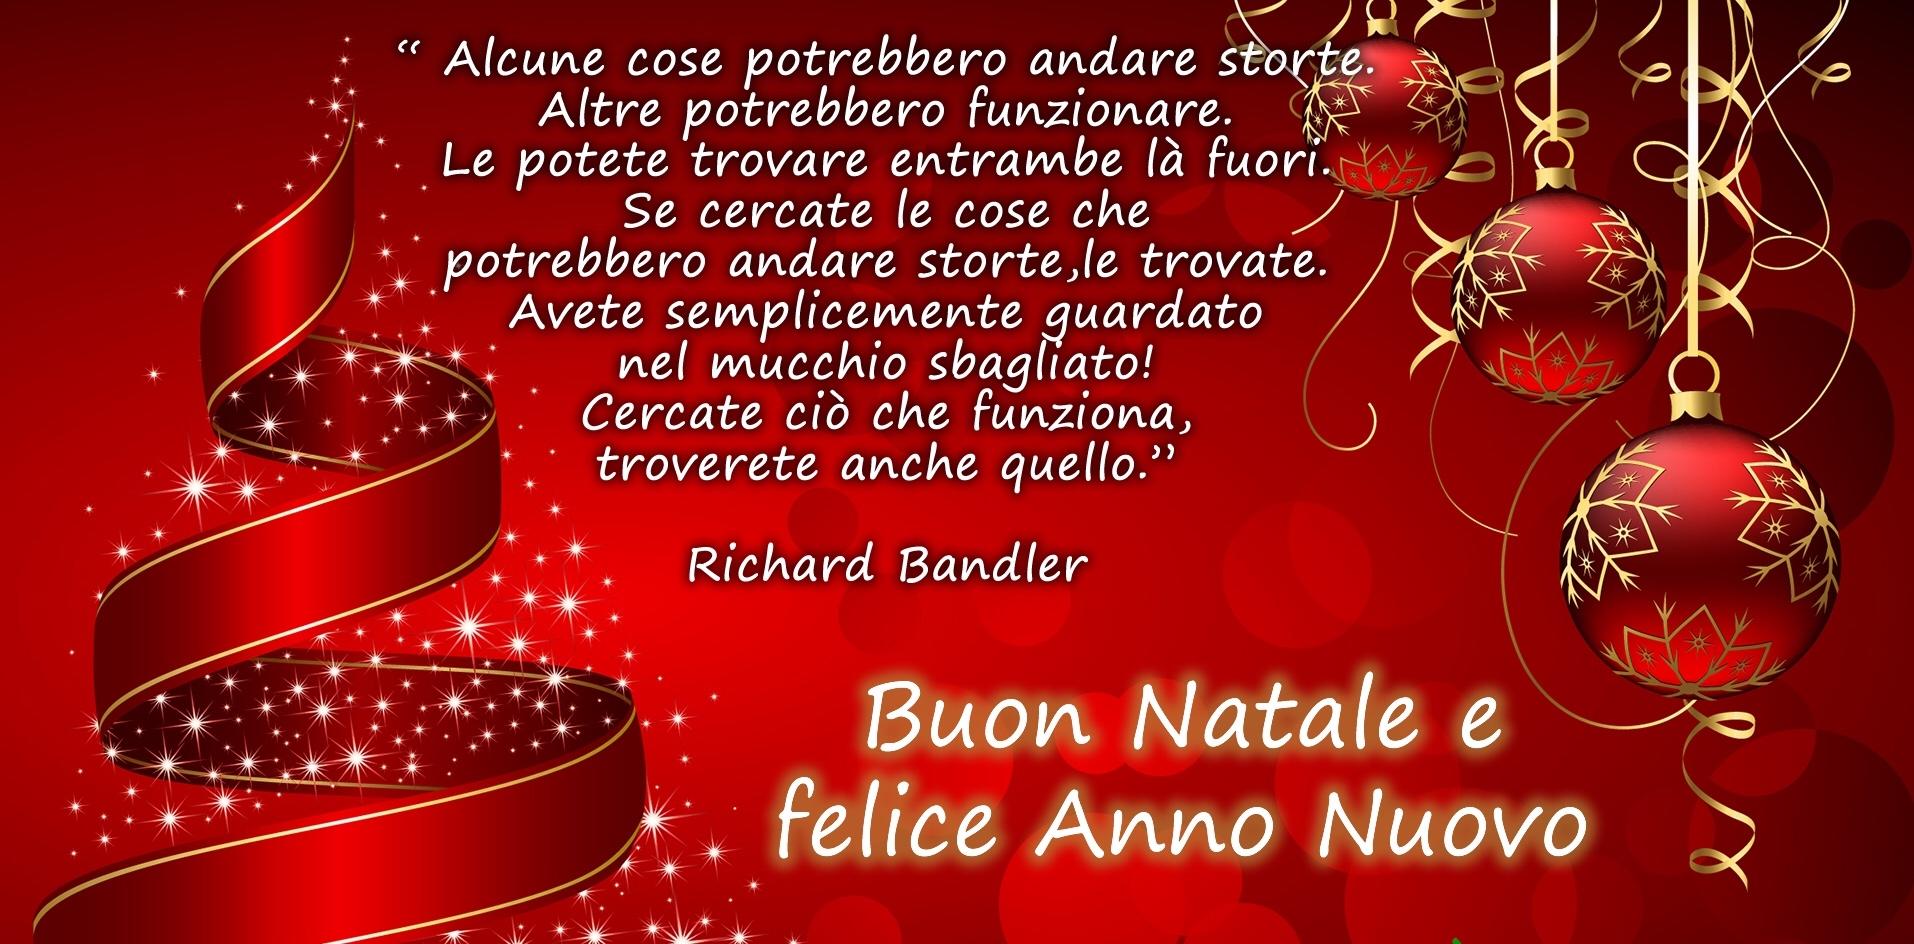 Buon Natale Anno Nuovo.Buon Natale E Felice Anno Nuovo Cral